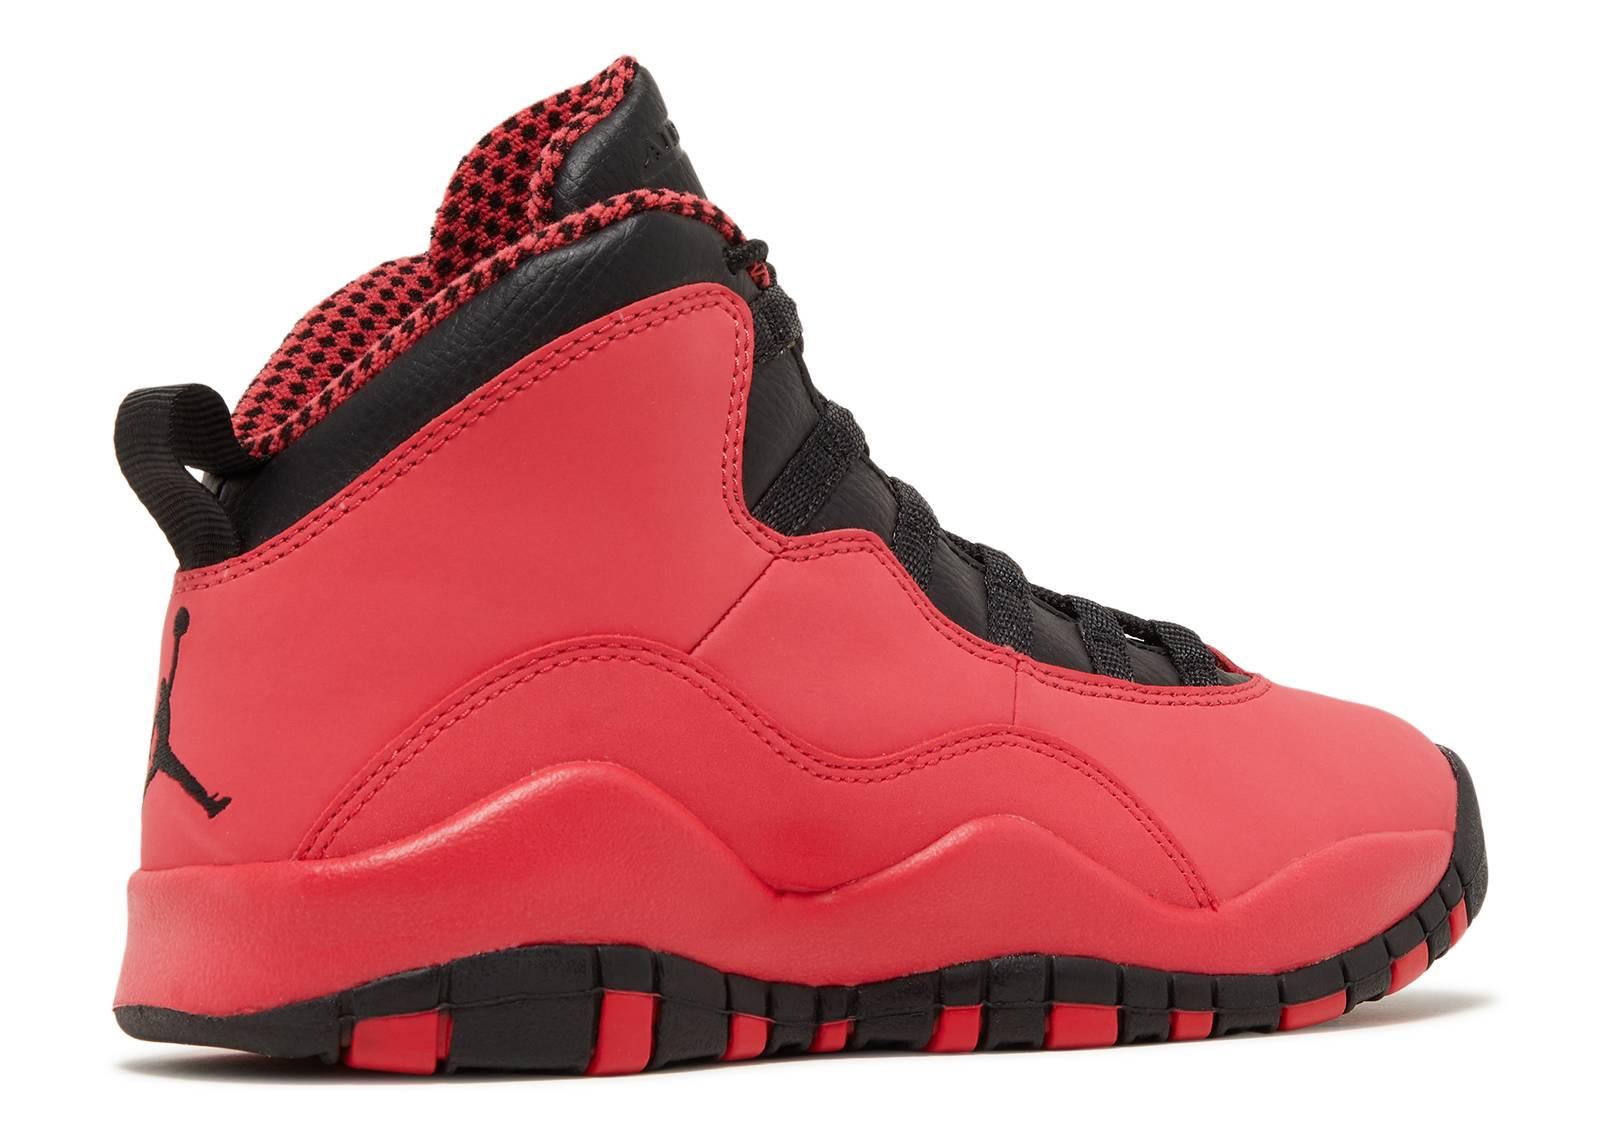 d9b5fc8561c091 promo code for jordan 10 pink red and black af4f8 c3481